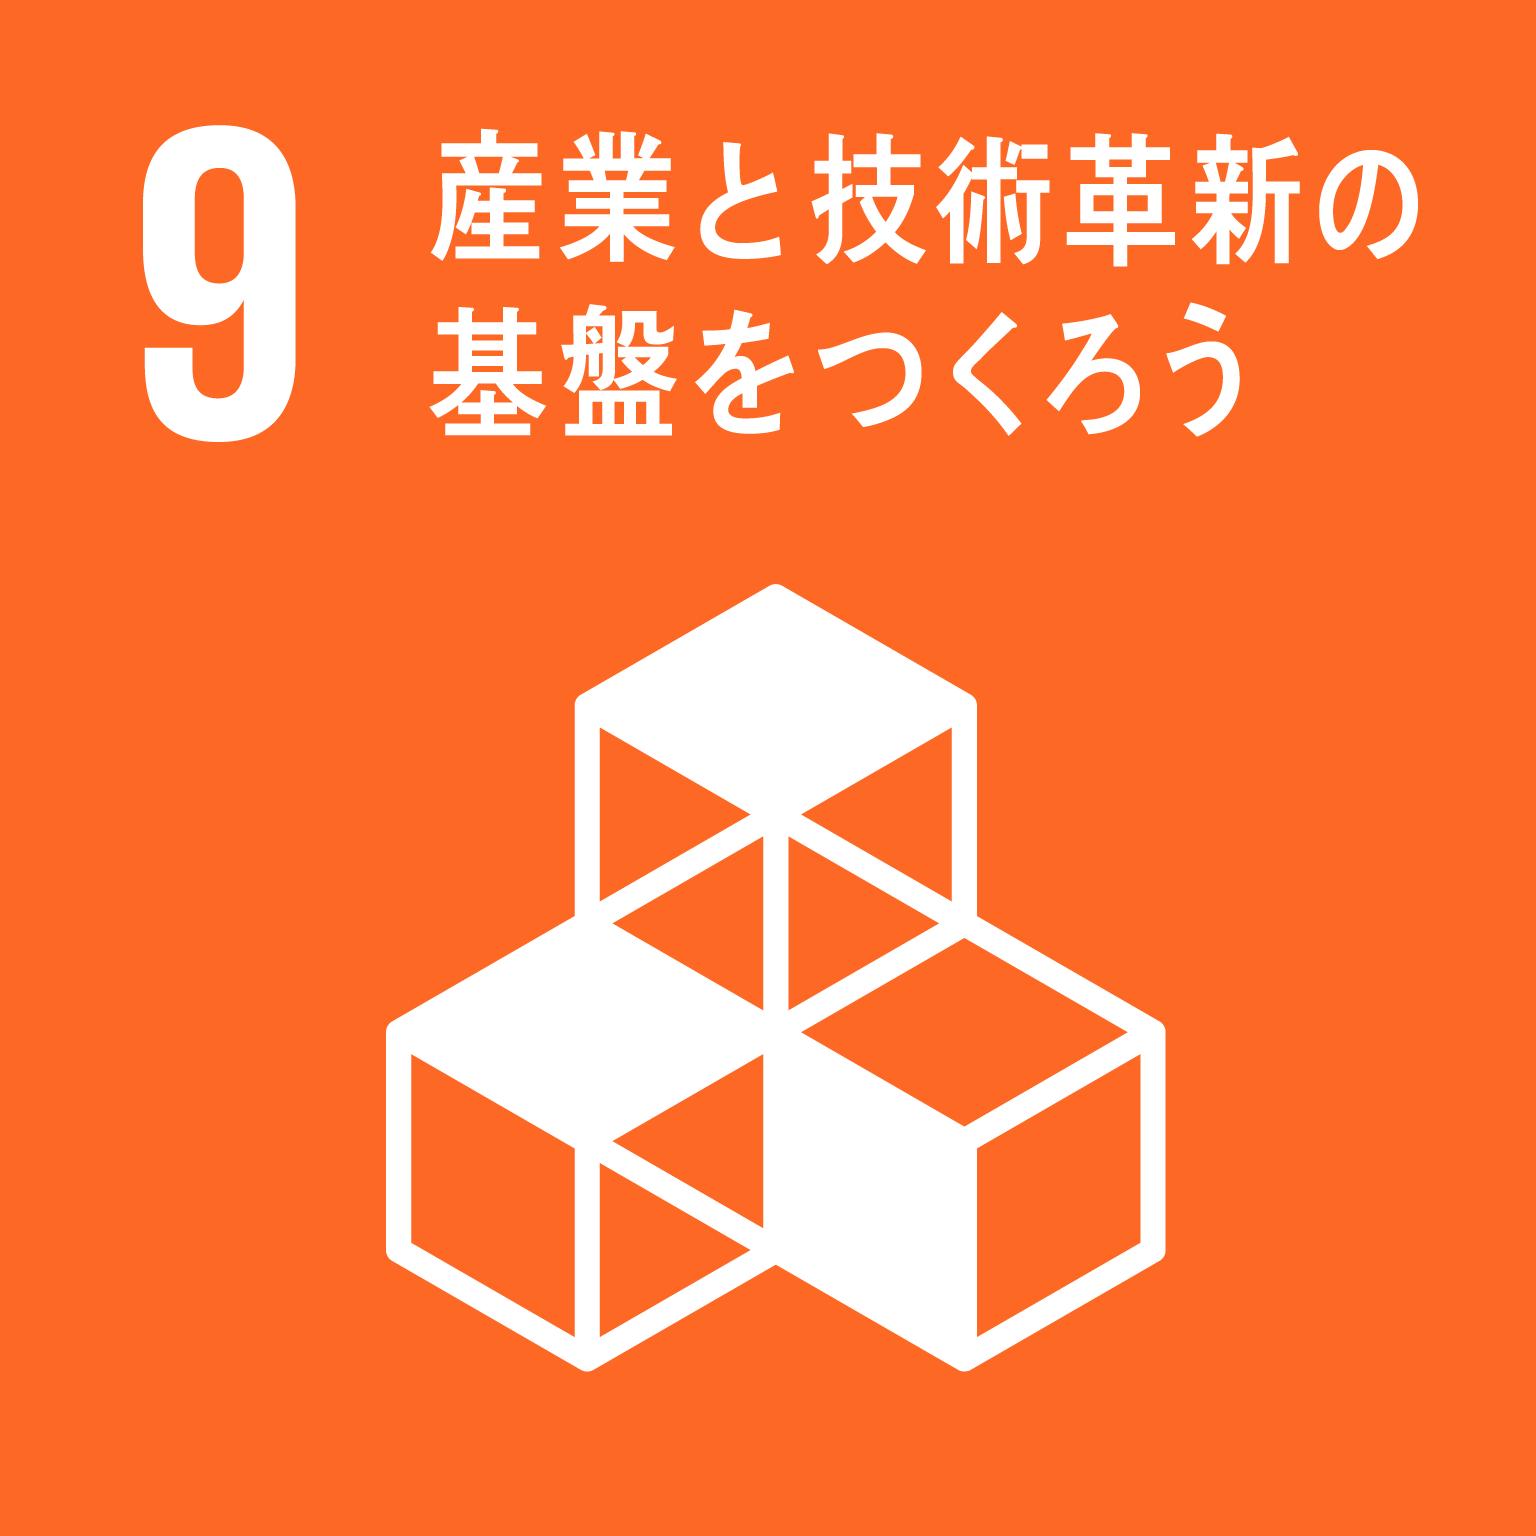 9. 産業と技術革新の基盤をつくろう